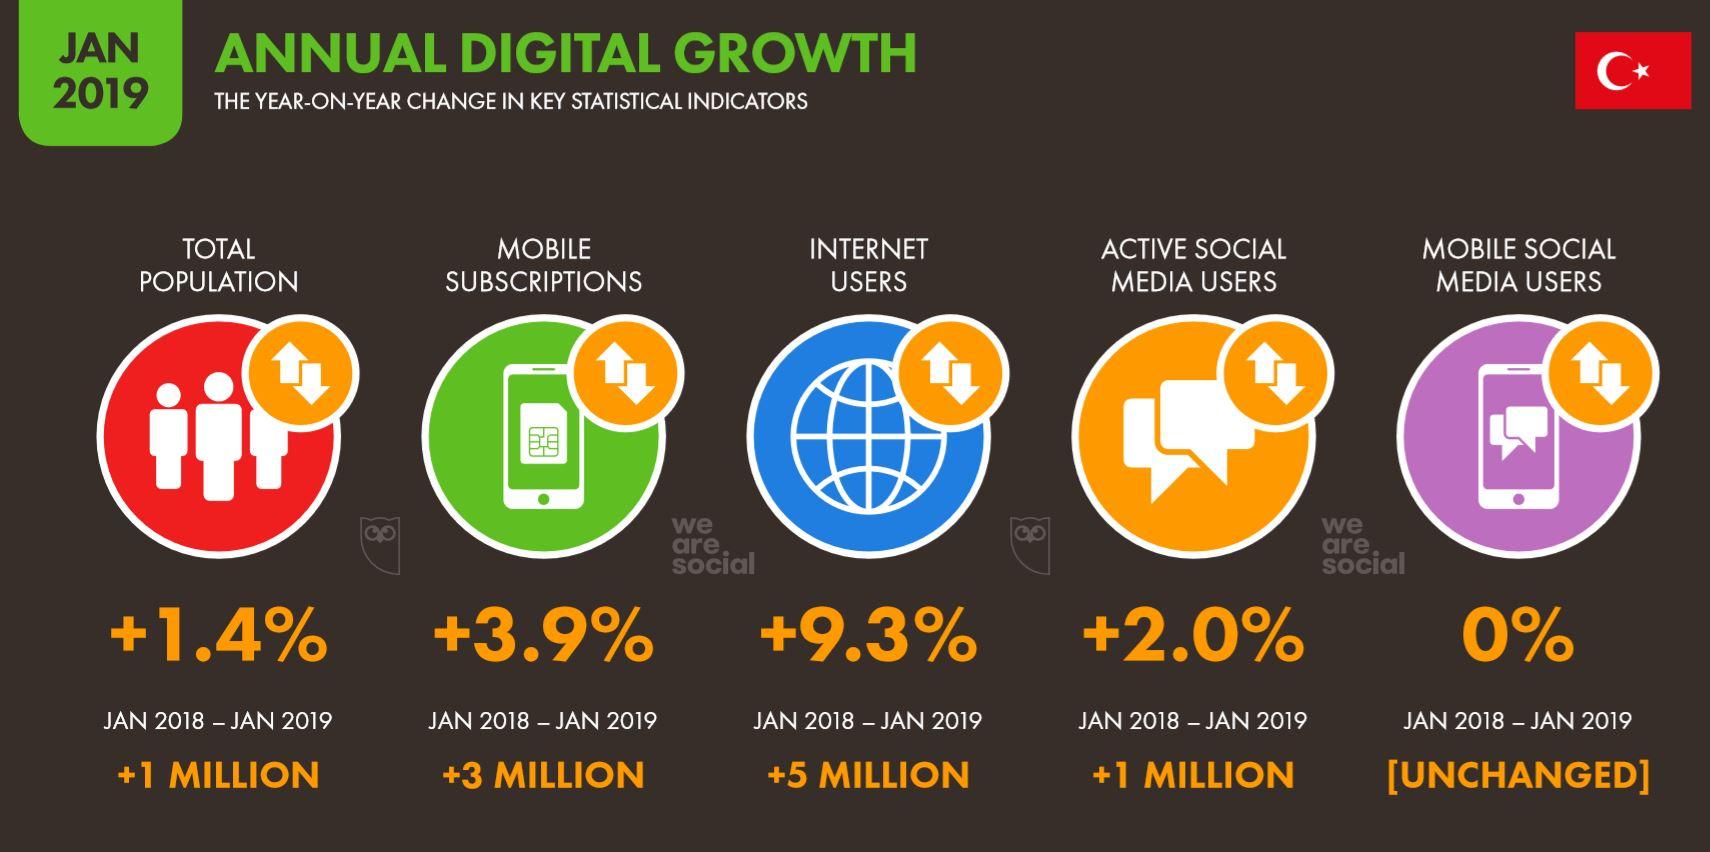 We Are Social 2019 Türkiye Yıllık Dijital Değişim İstatistikleri